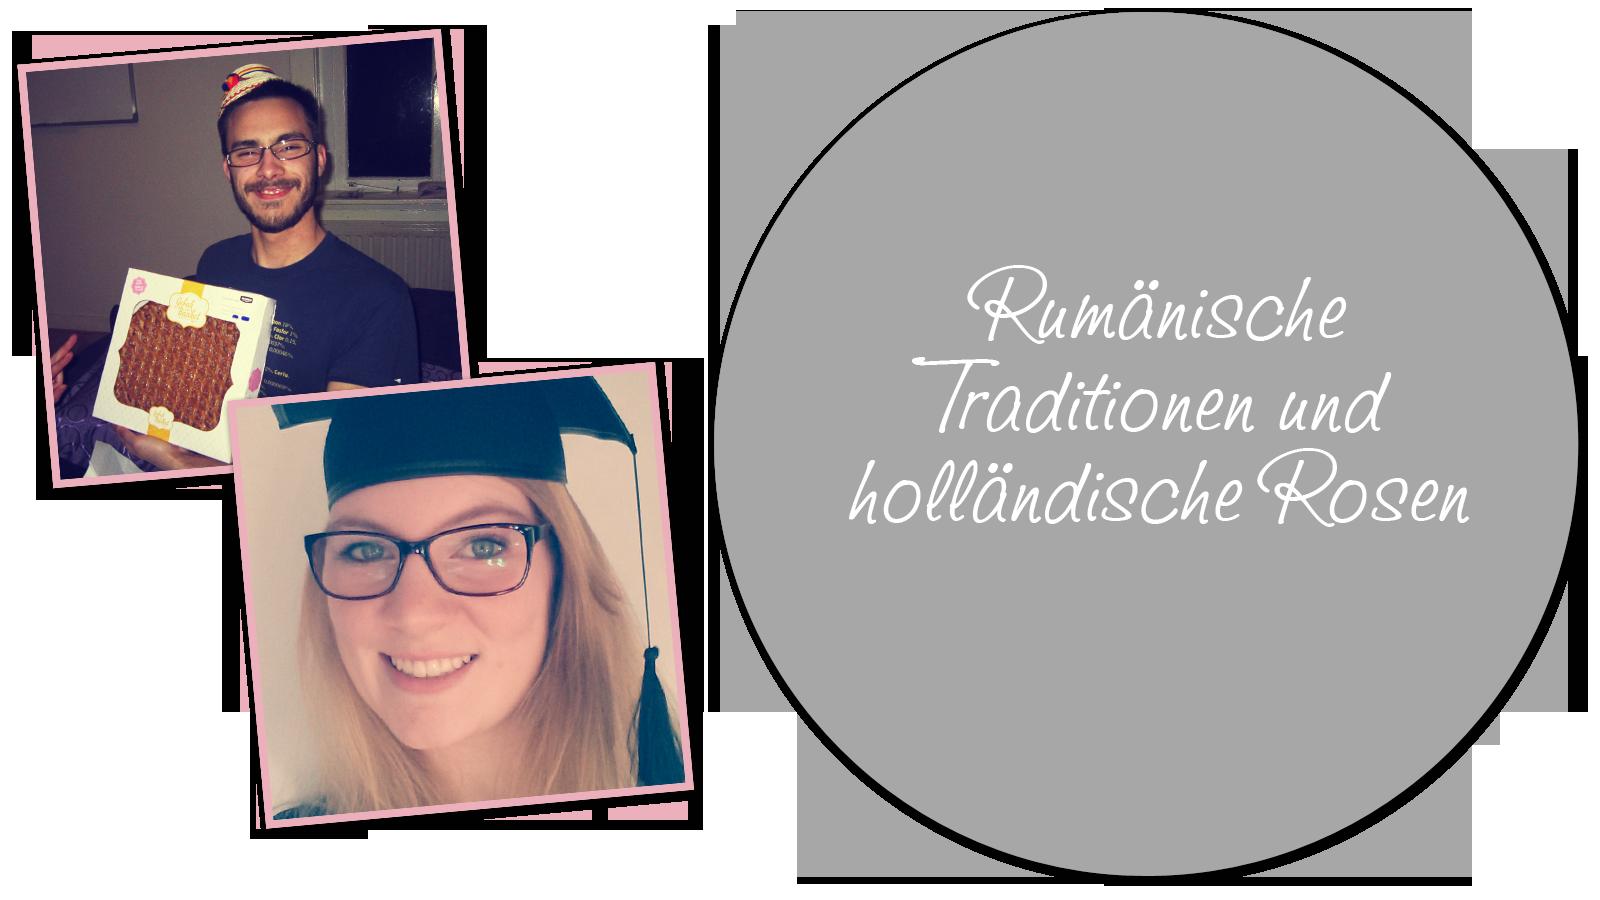 Rumänische Traditionen und holländische Rosen Image